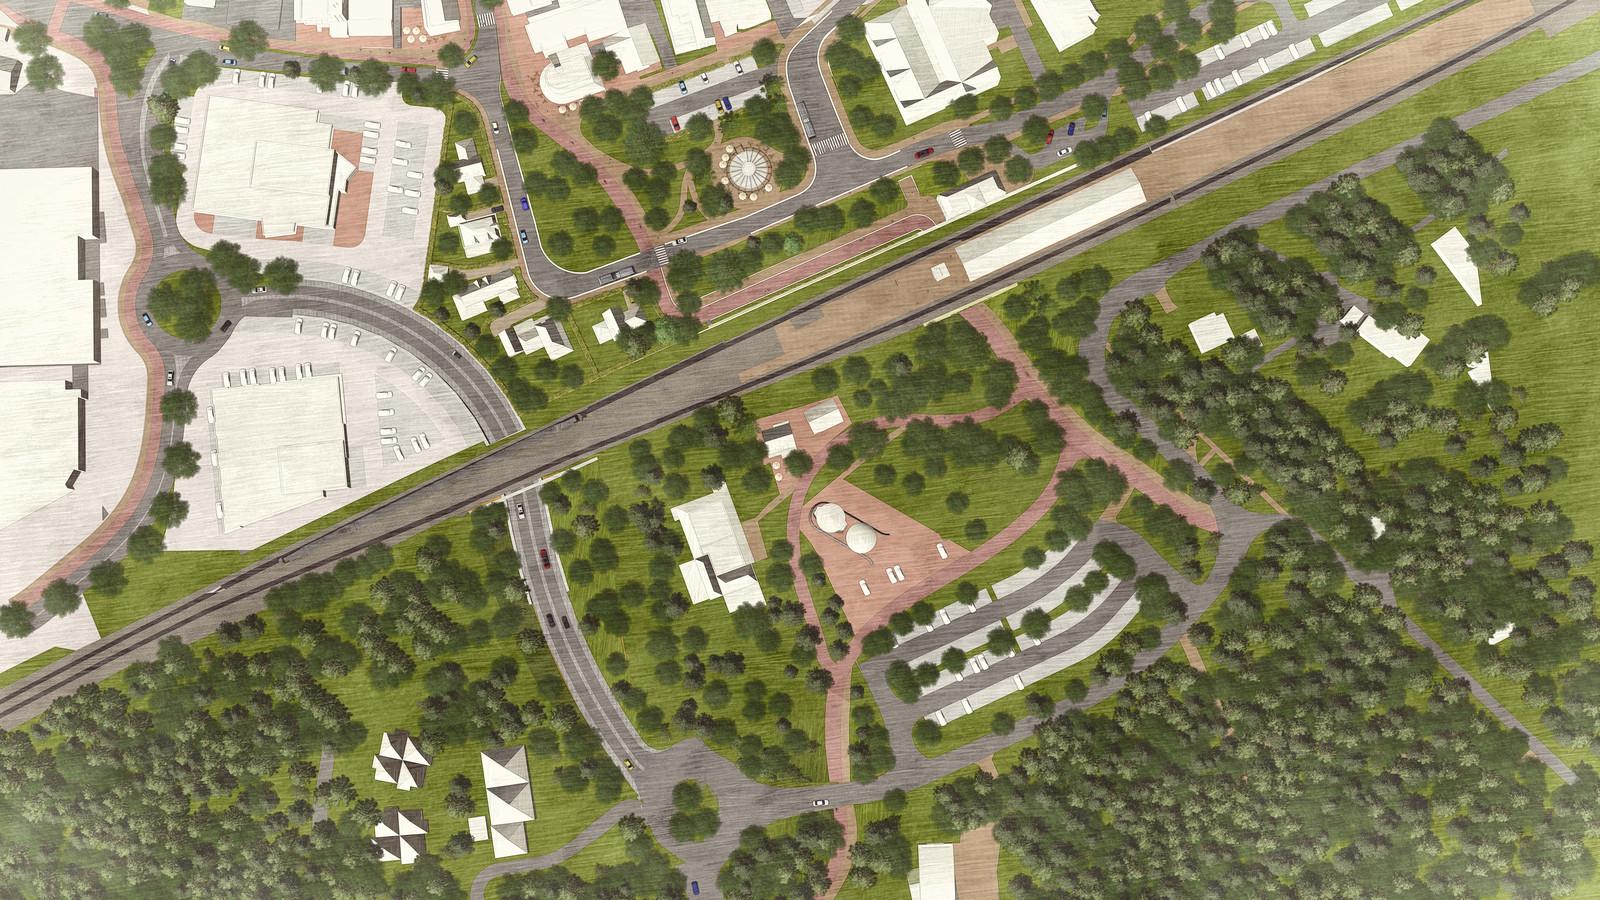 Zou moet het nieuwe stationsgebied van Nunspeet er ongeveer uit komen te zien. Al is het plan nog niet in beton gegoten.